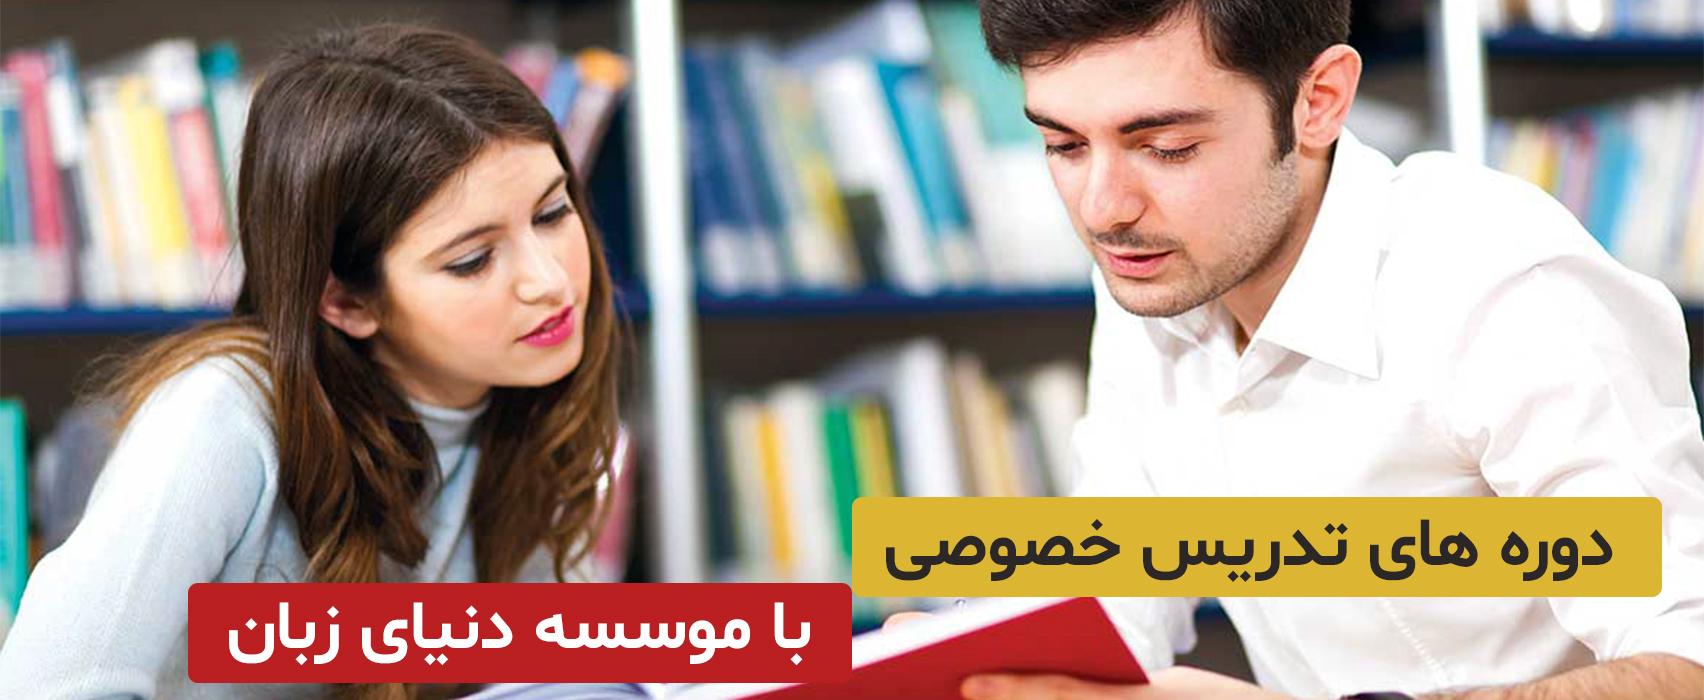 دوره های خصوصی تدریس زبان با موسسه دنیای زبان